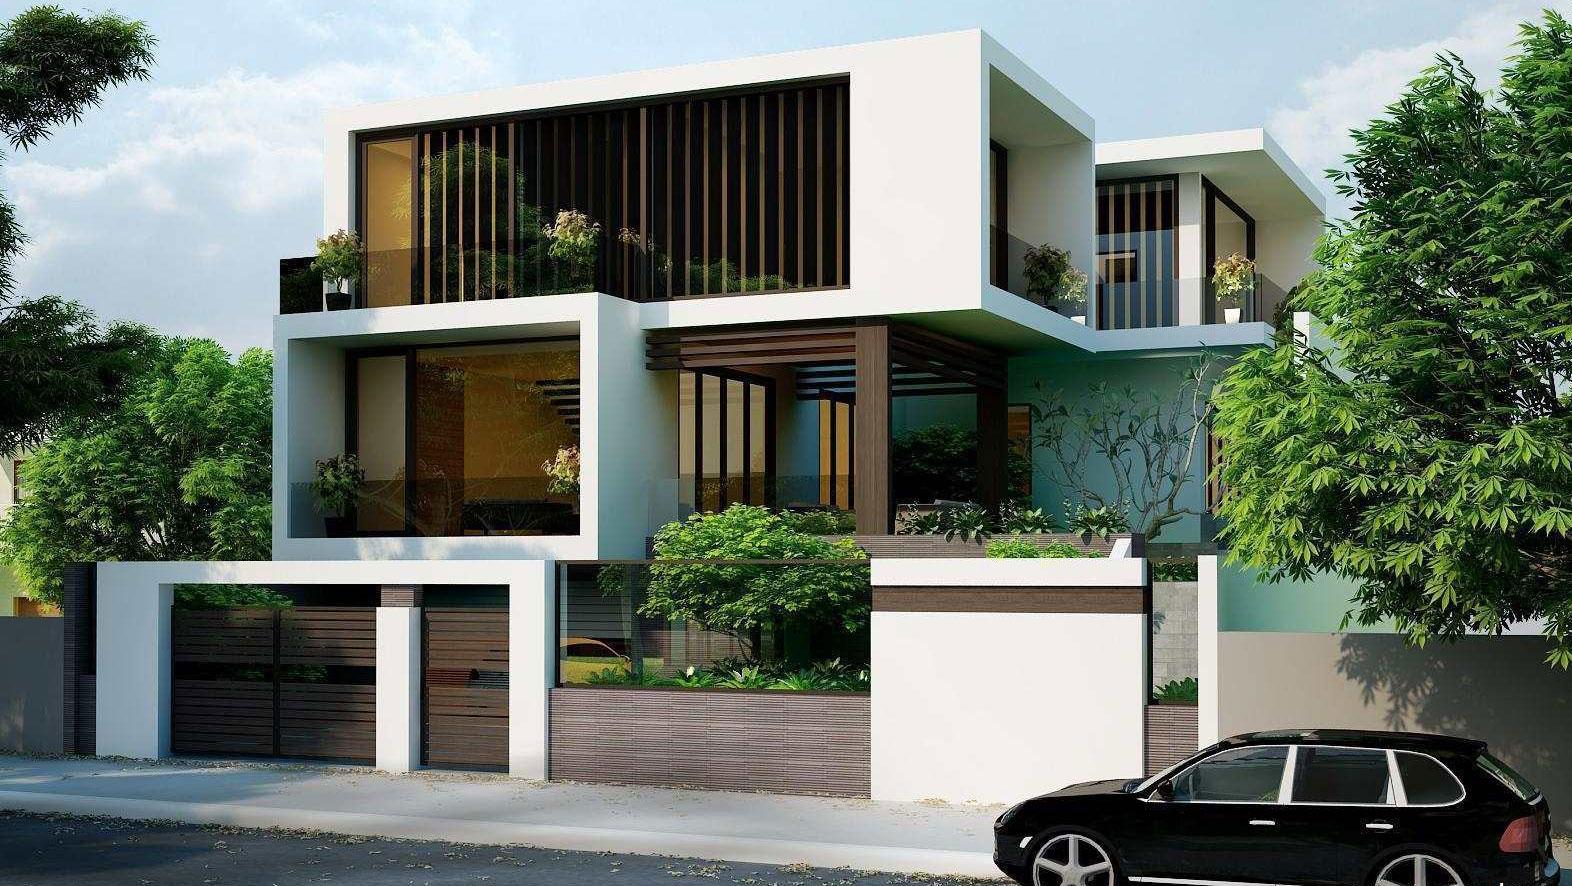 Bạn có thể hiểu một cách đơn giản, biệt thự hiện đại là biệt thự được thiết kế theo phong cách hiện đại